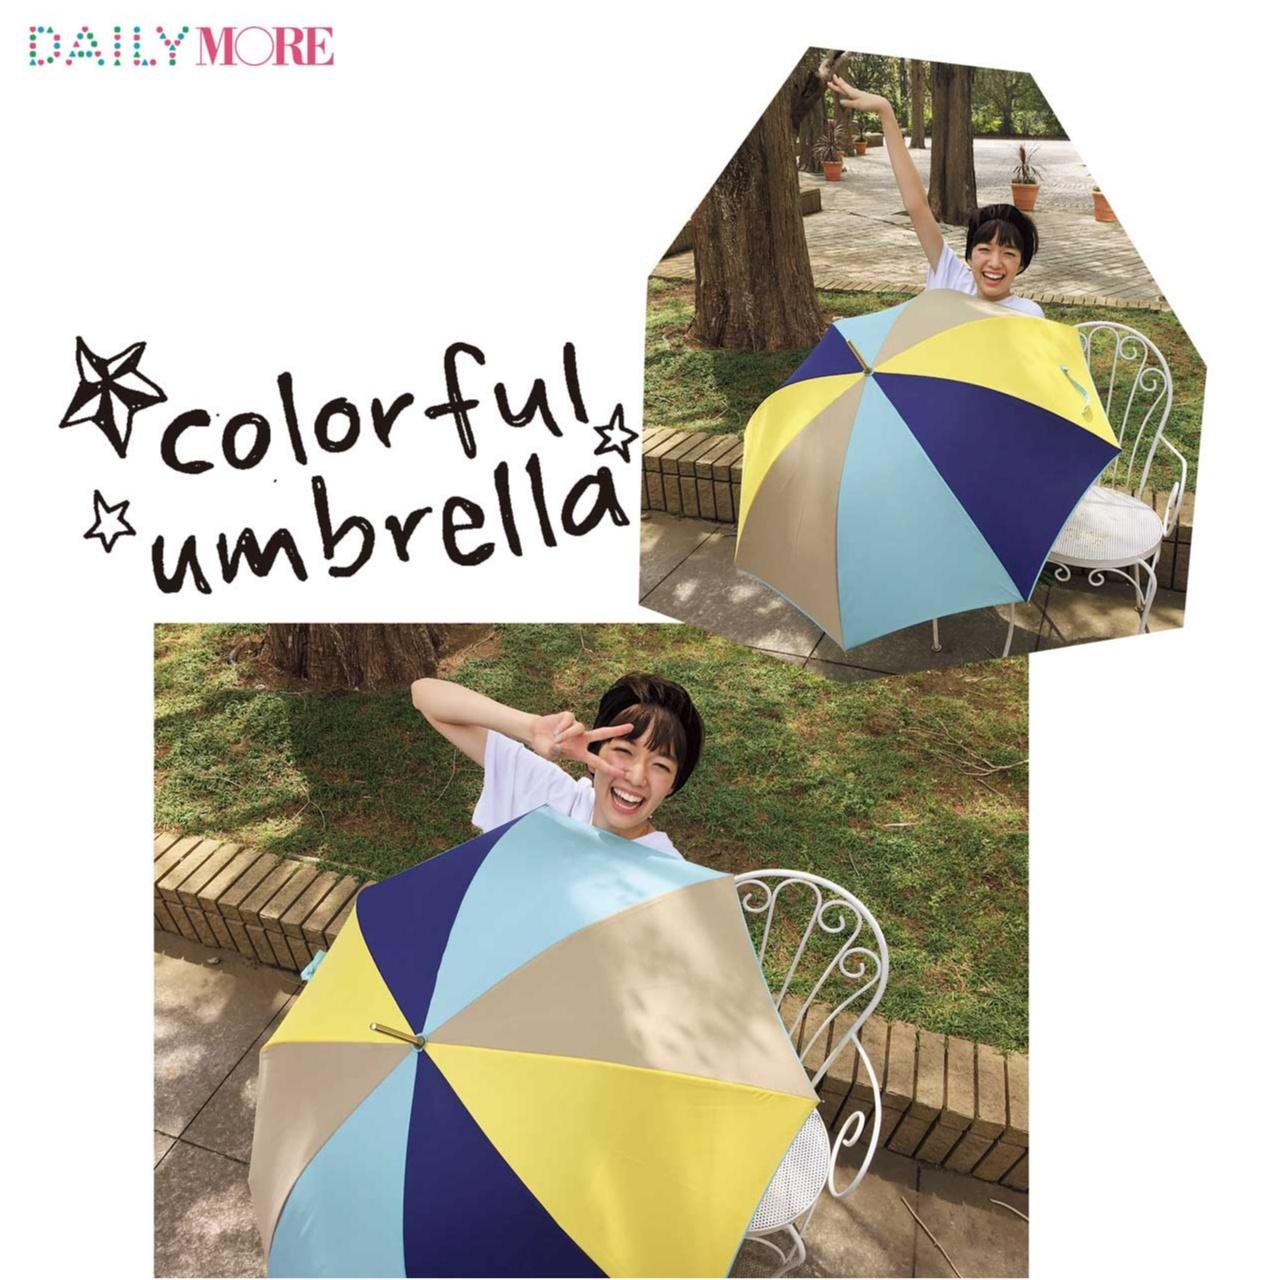 【梅雨時マストアイテム】栞里のキュート&カラフルな傘には、深イイ話がある!?_1